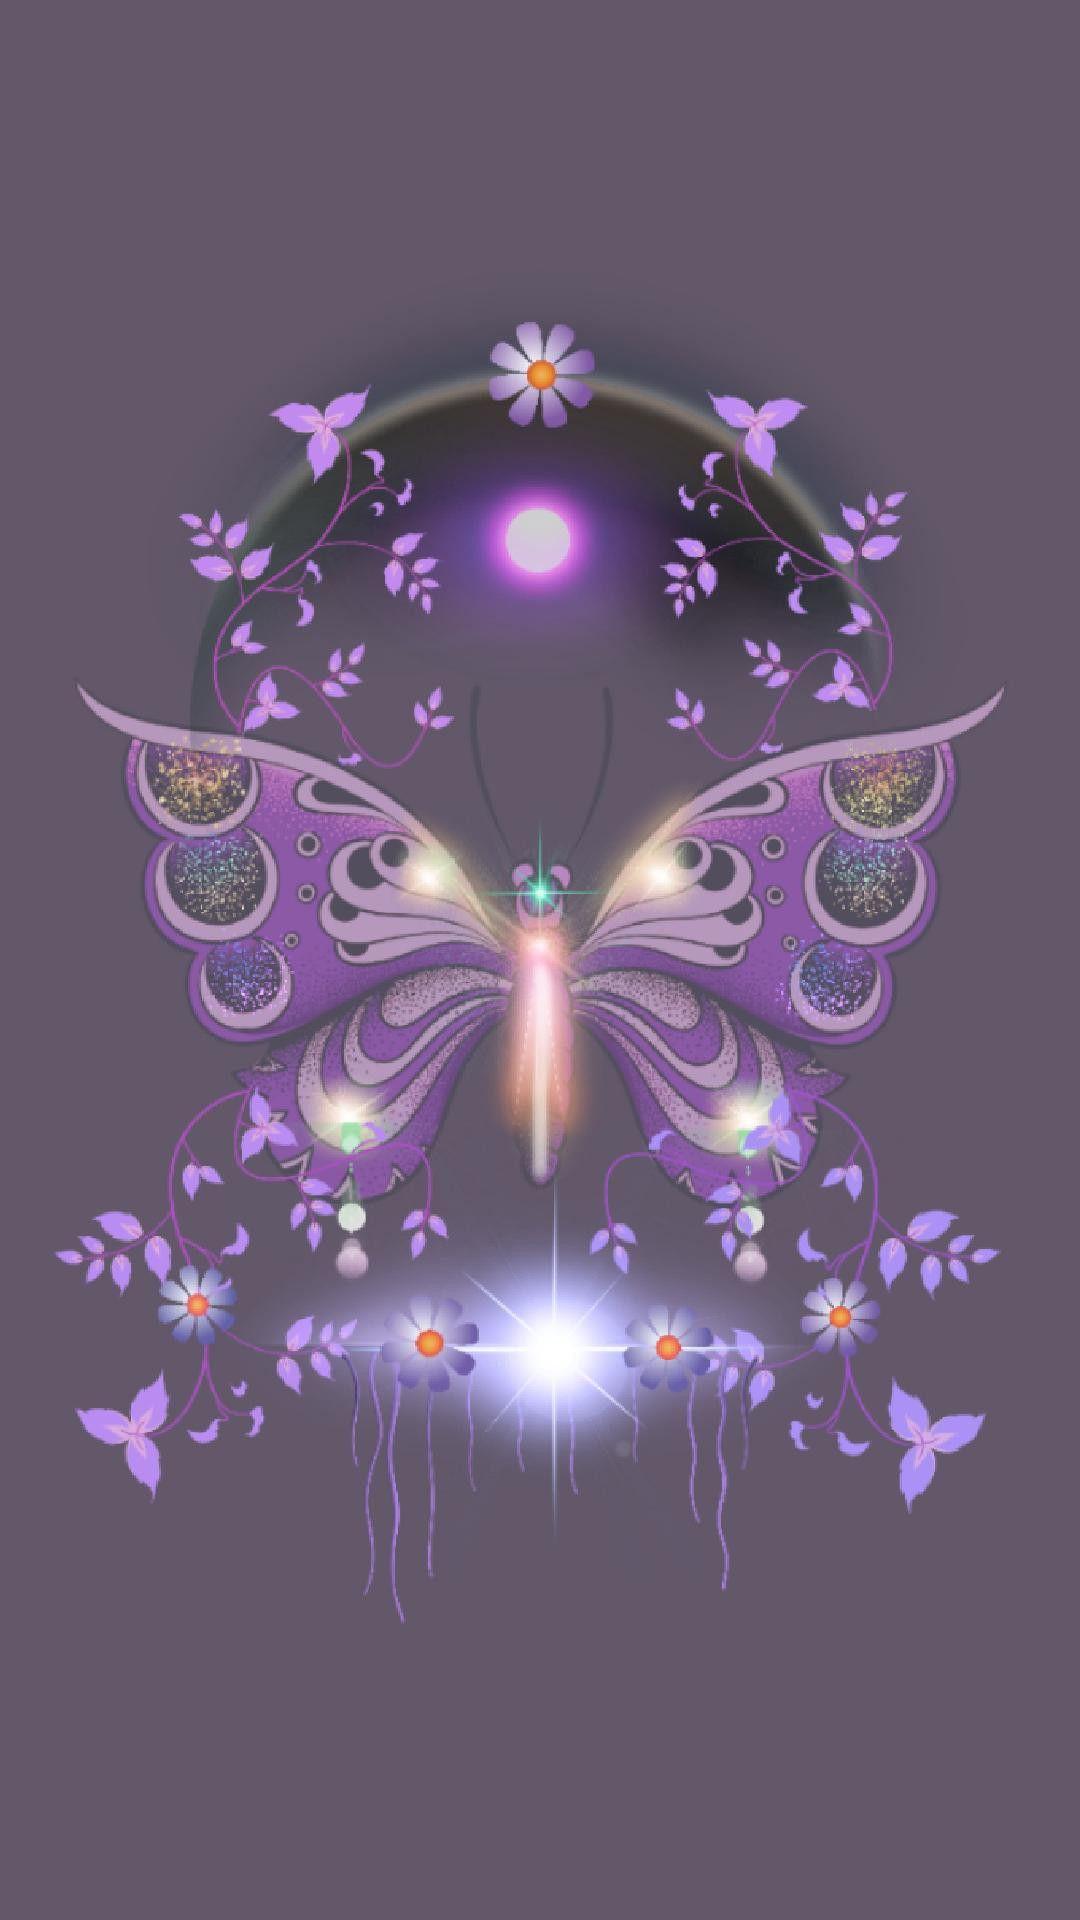 Pin by Gralyne Watkins on *Wallpaper - Purple | Butterfly ...